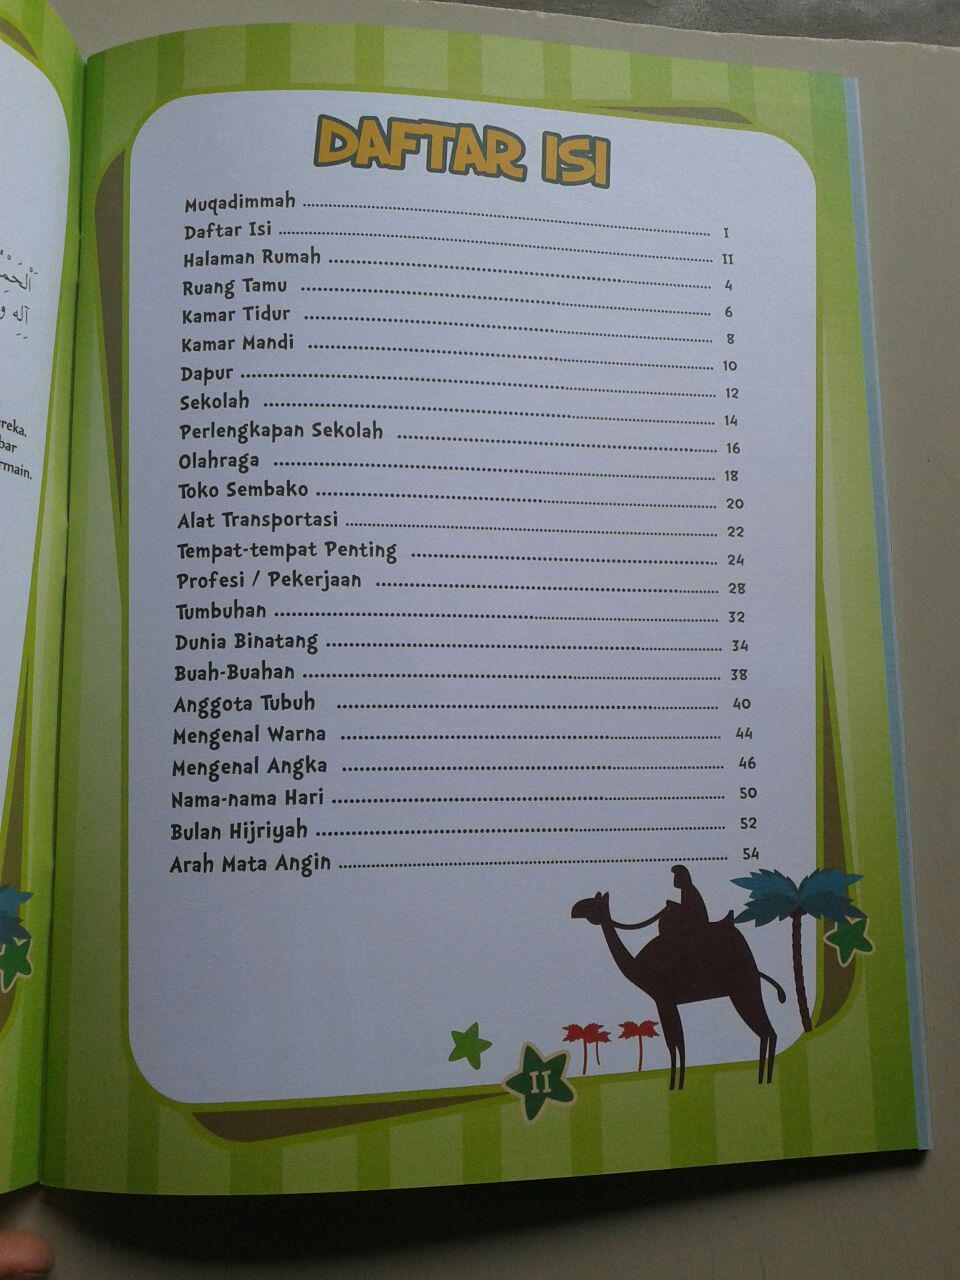 Buku Kamus Arab Untuk Anak Kosa Kata Sehari Hari Dilengkapi Gambar isi 2